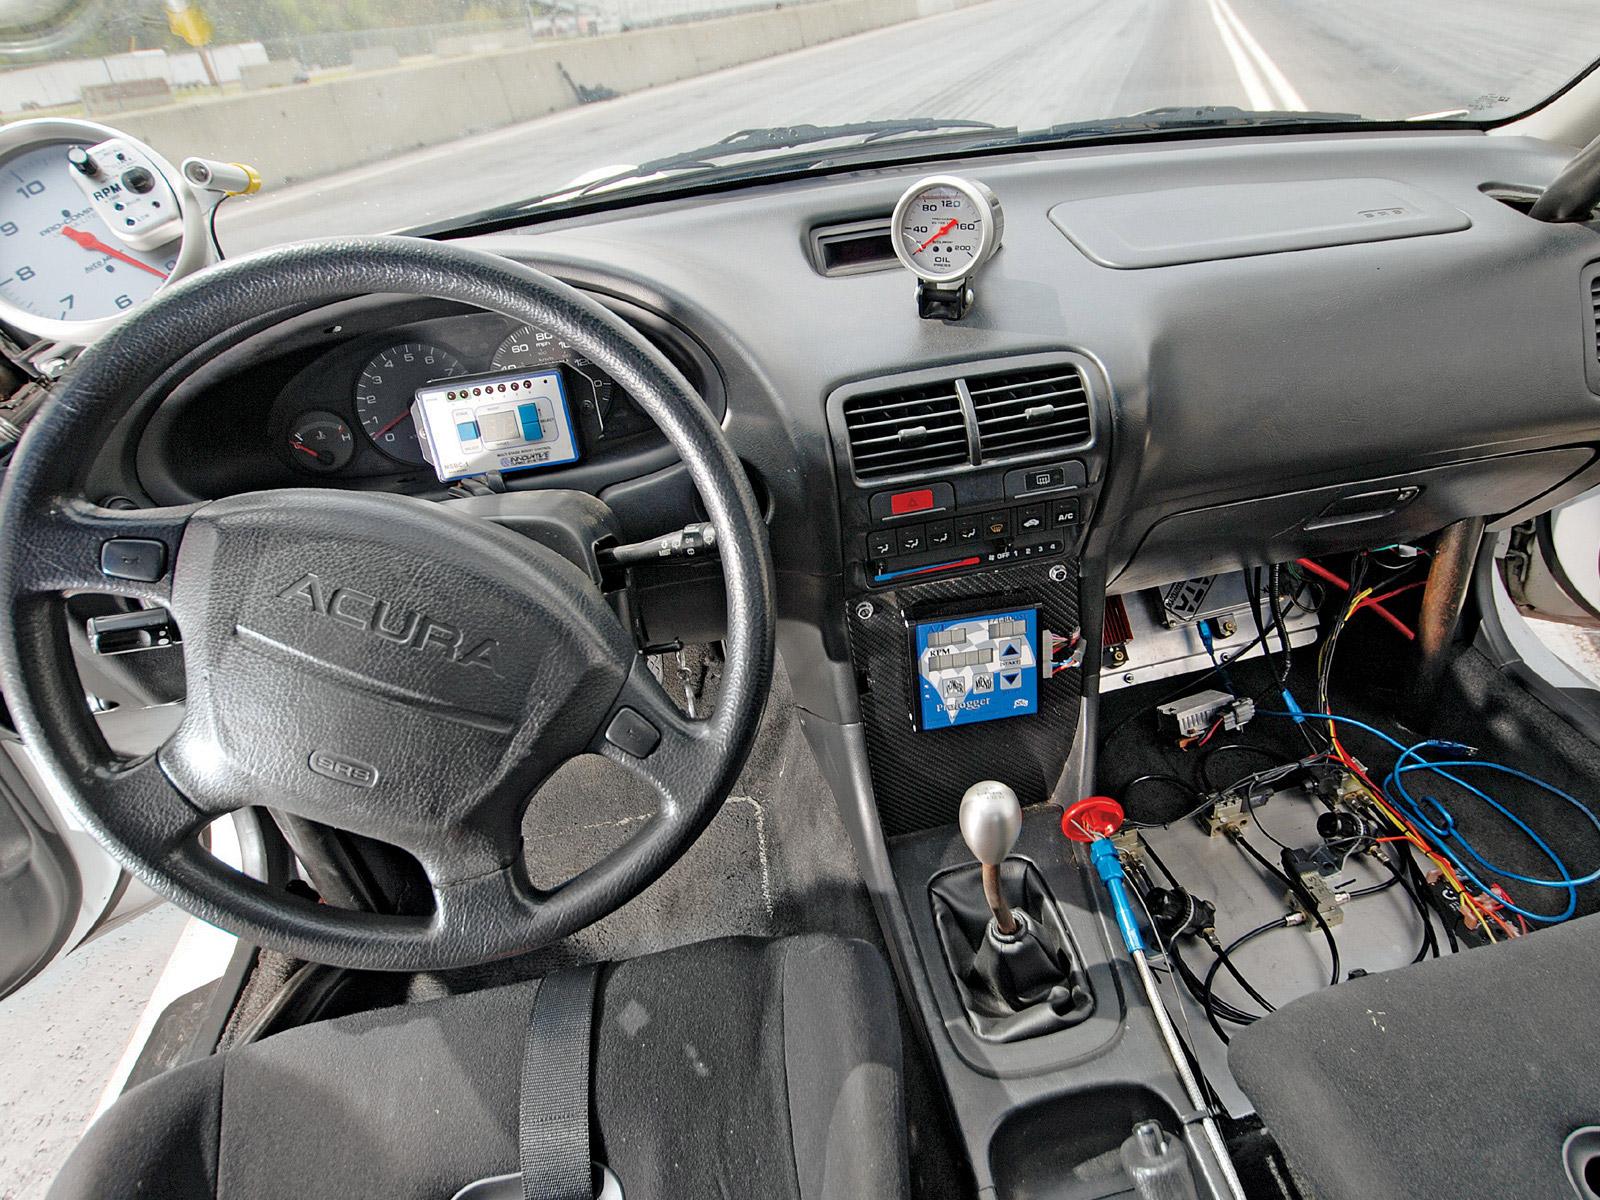 acura integra interior mods. 2000 acura integra 3 interior mods